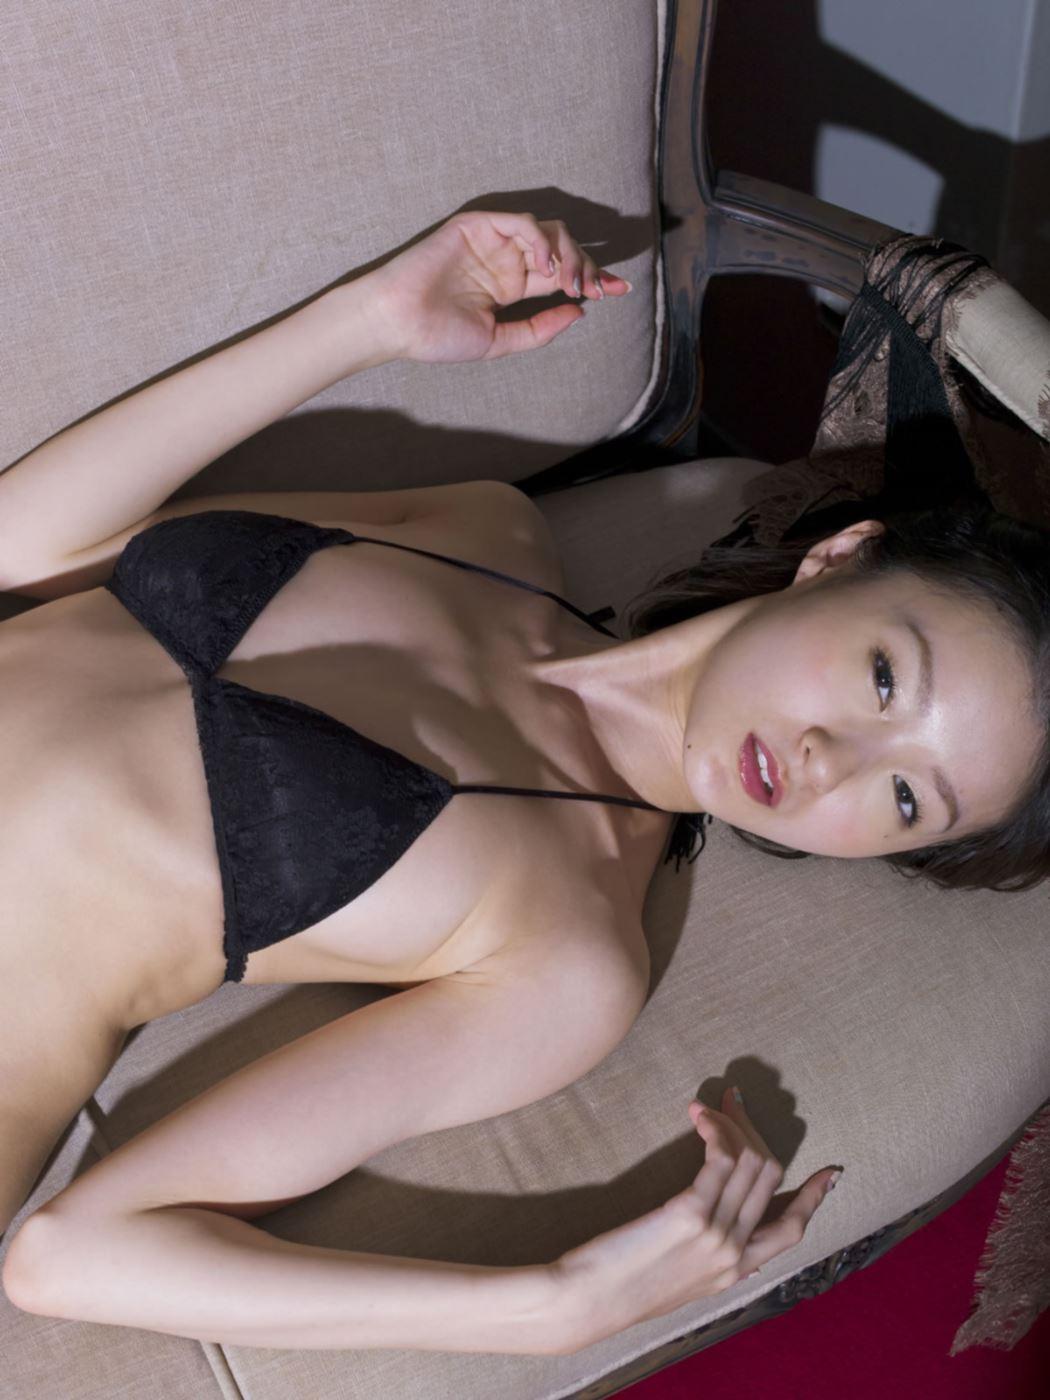 しほの涼 セクシーランジェリー画像 34